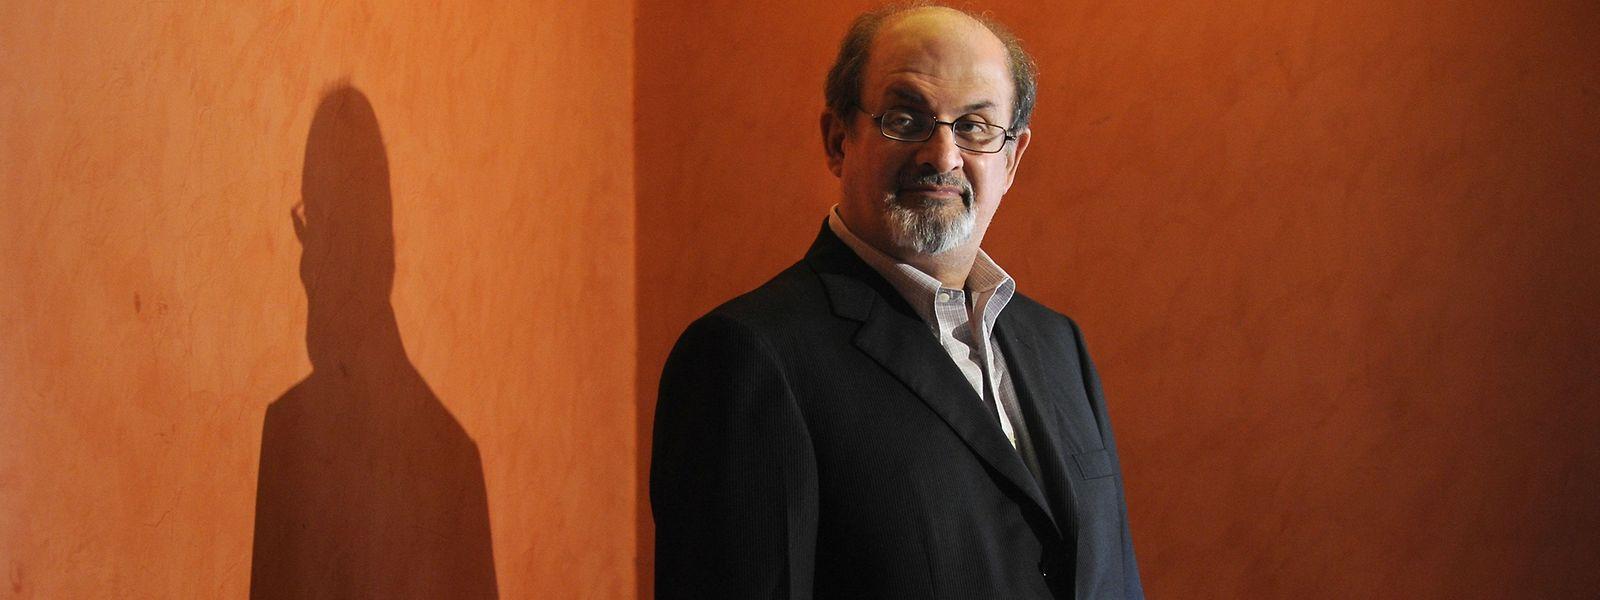 Der britisch-indische Autor Salman Rushdie wurde für ein Buch zum Tode verurteilt.